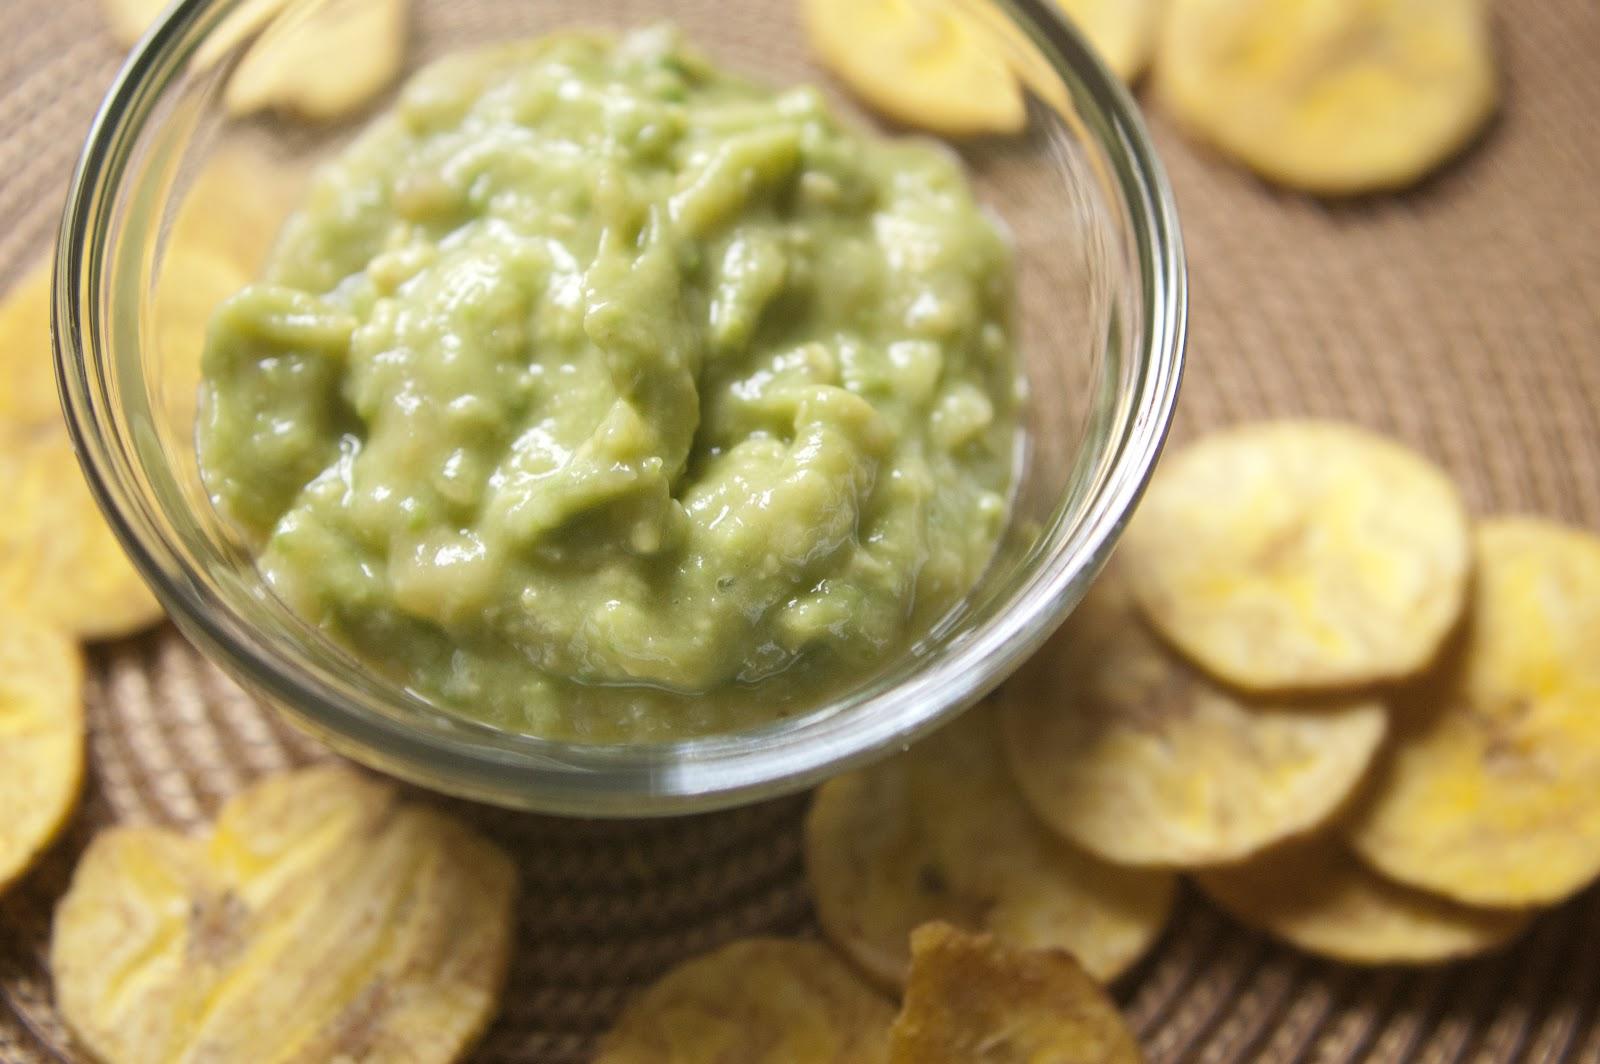 ... avocado avocado egg salad avocado egg salad spinach avocado dip